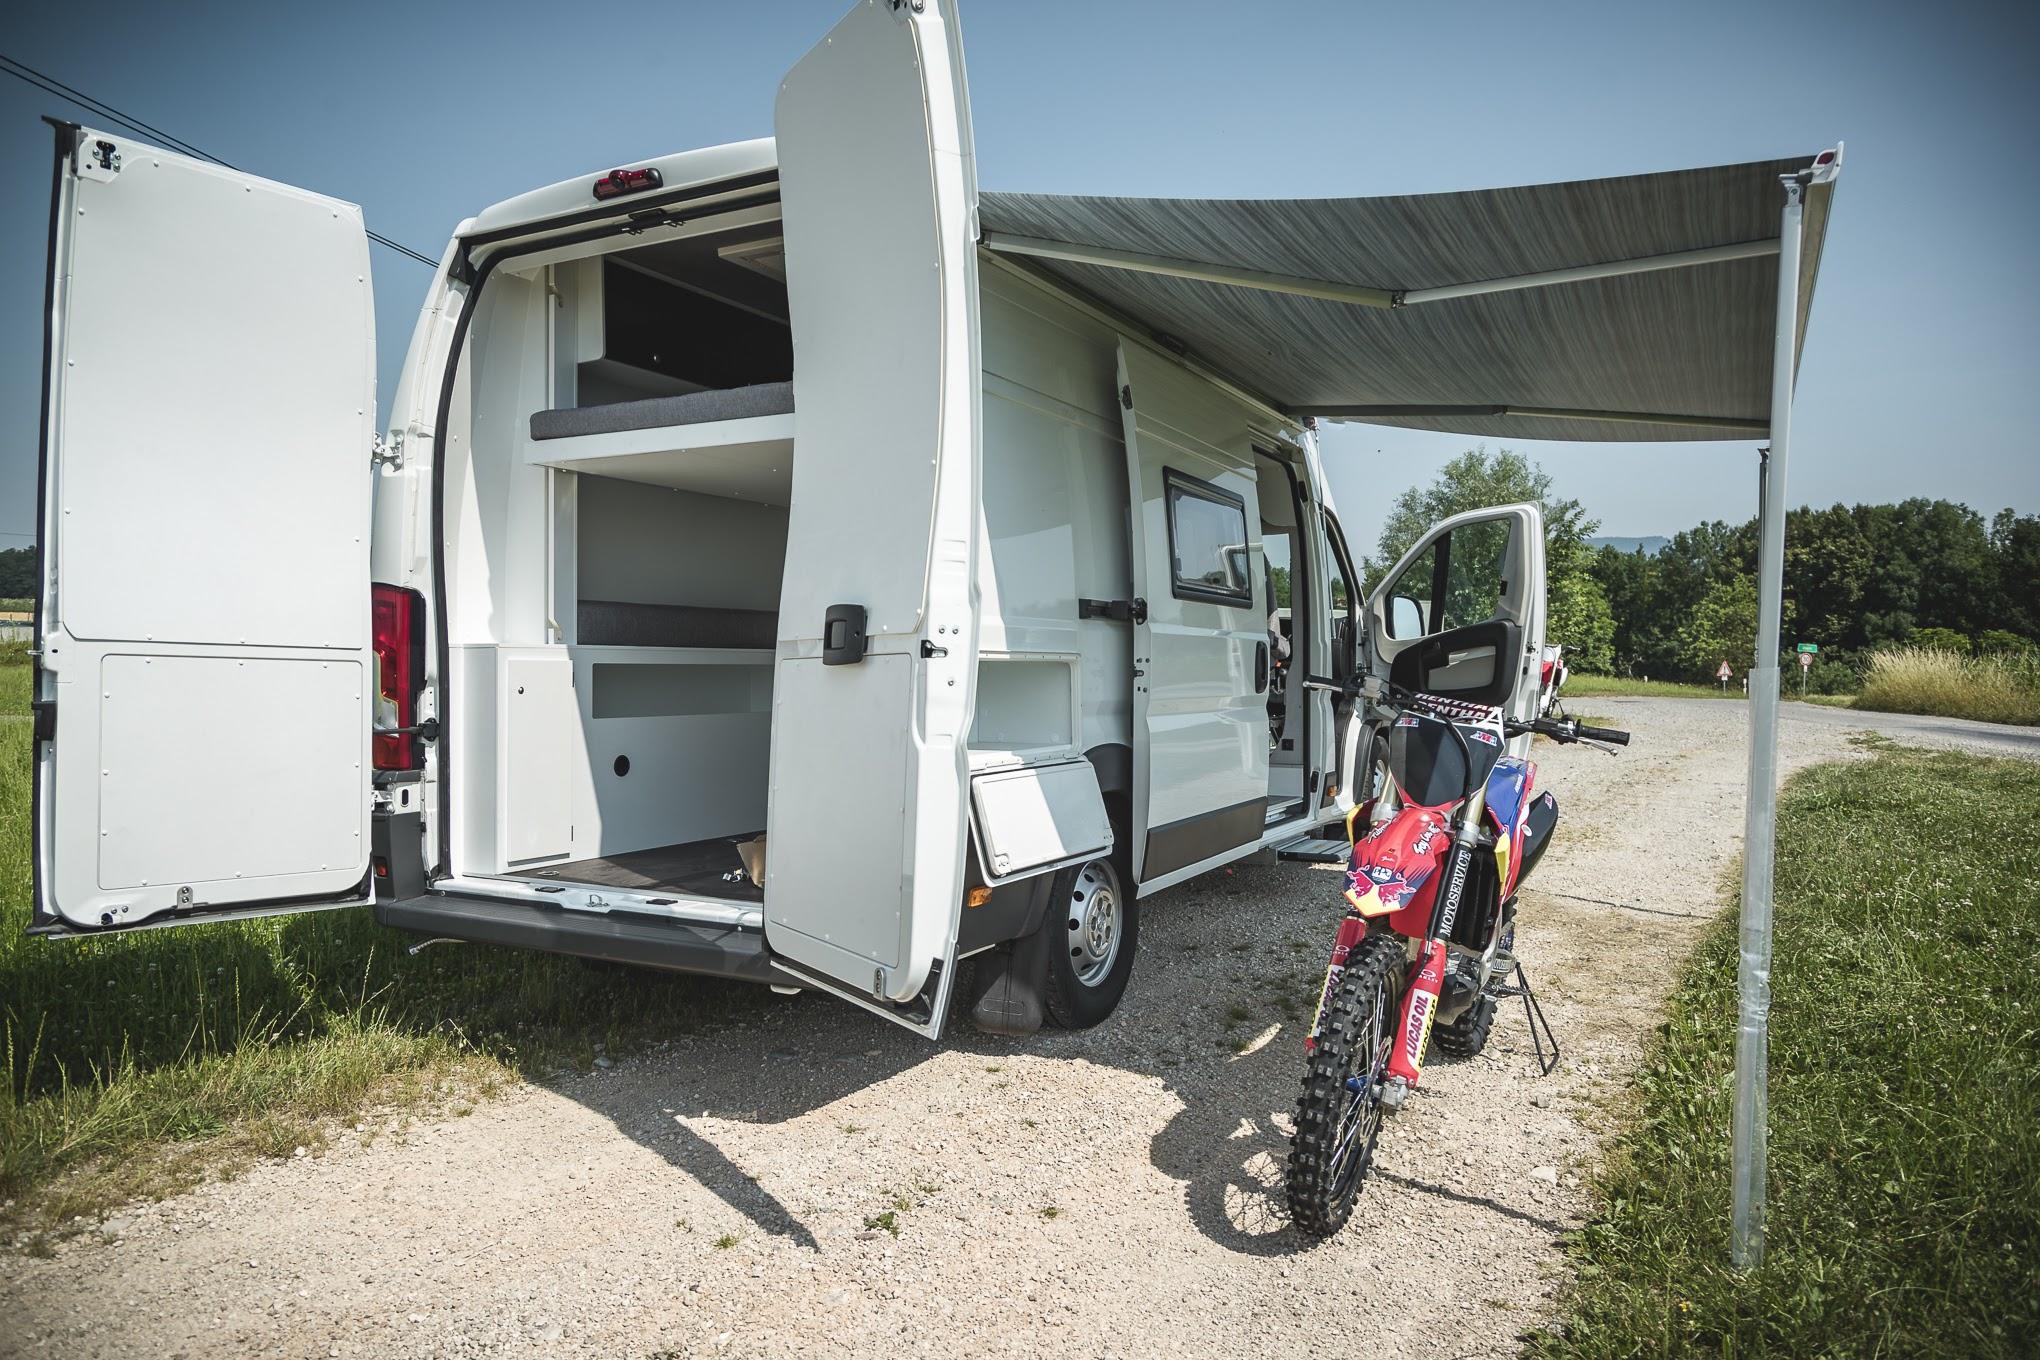 kastenwagen umbau transporter renntransporter vr motorhomes. Black Bedroom Furniture Sets. Home Design Ideas